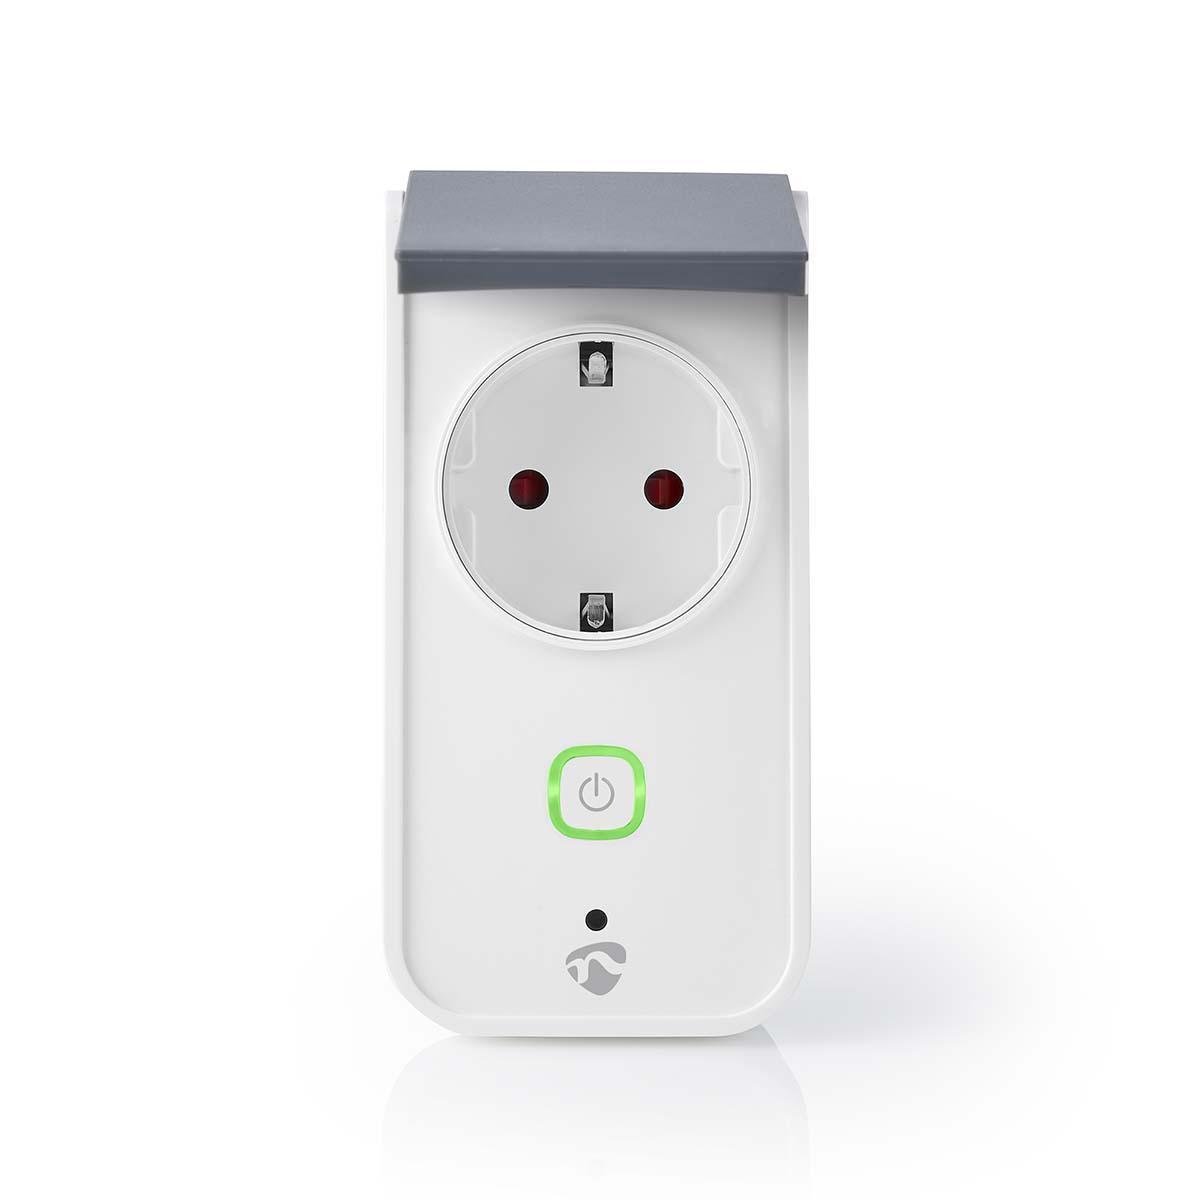 Nedis SmartLife WiFi Smart Plug